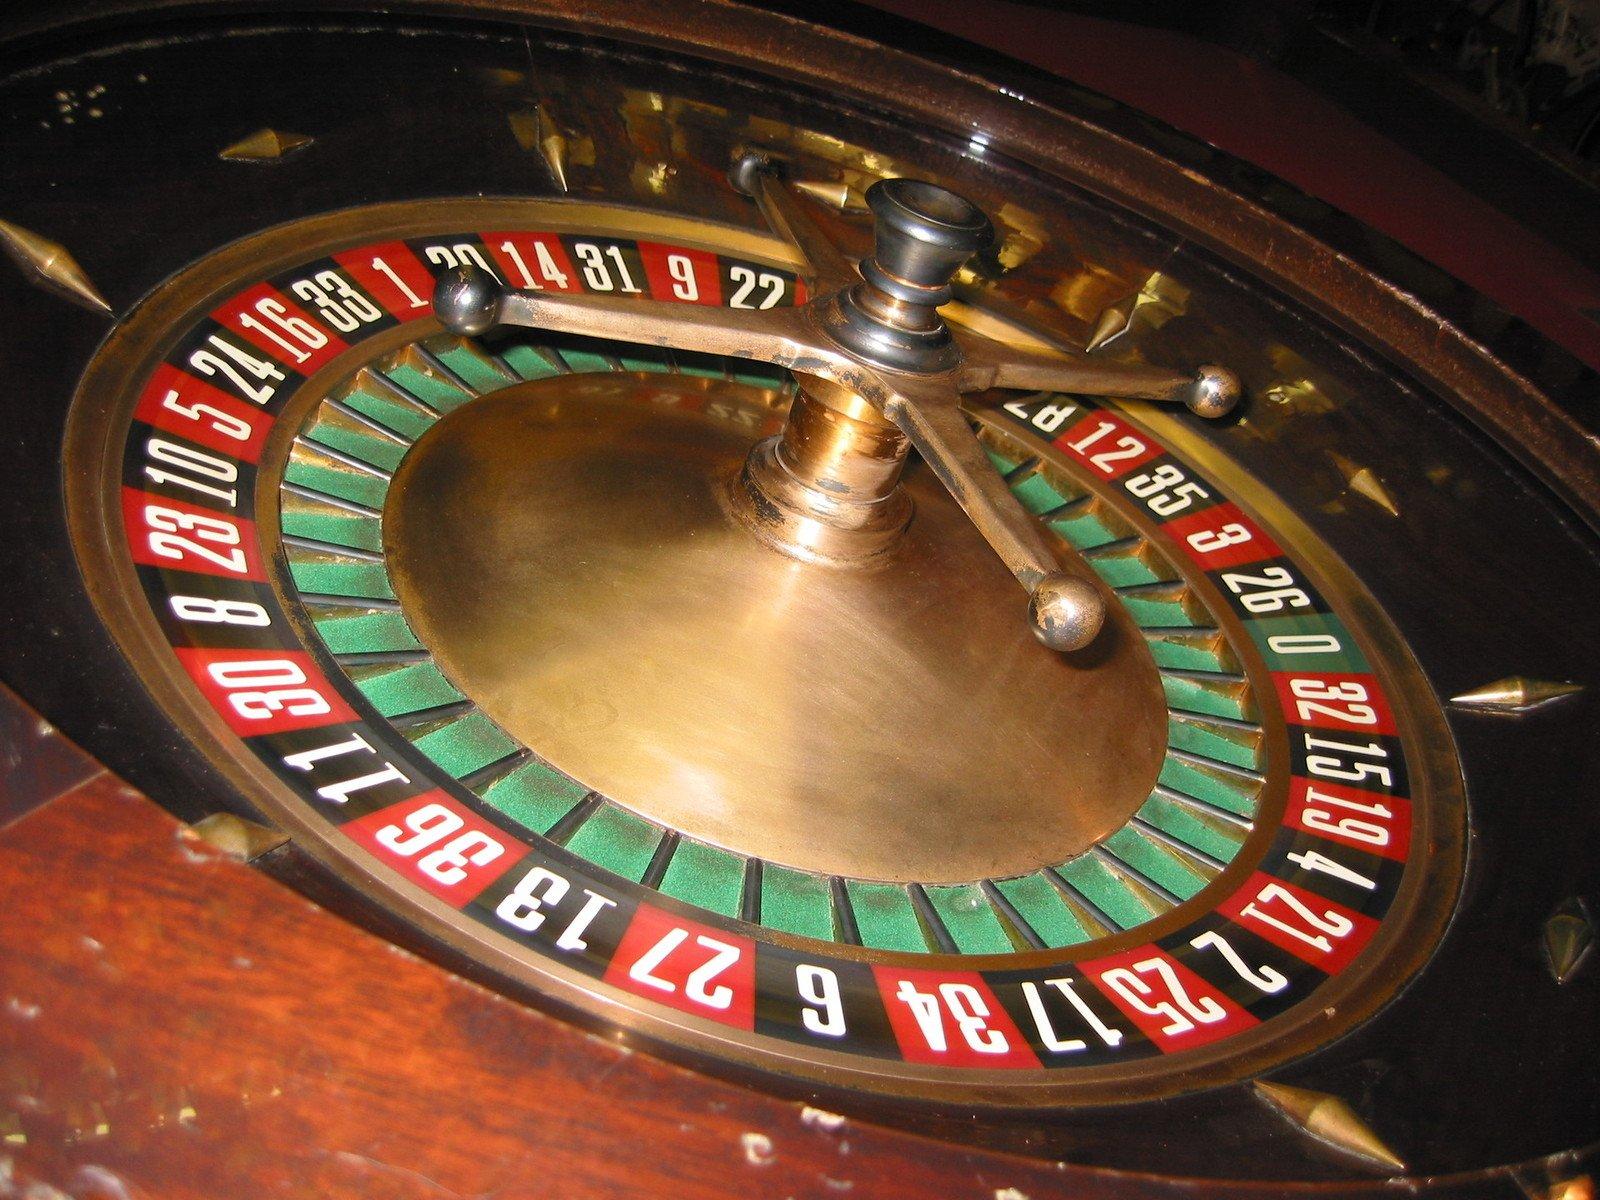 Trucco del raddoppio roulette parking casino cergy le haut